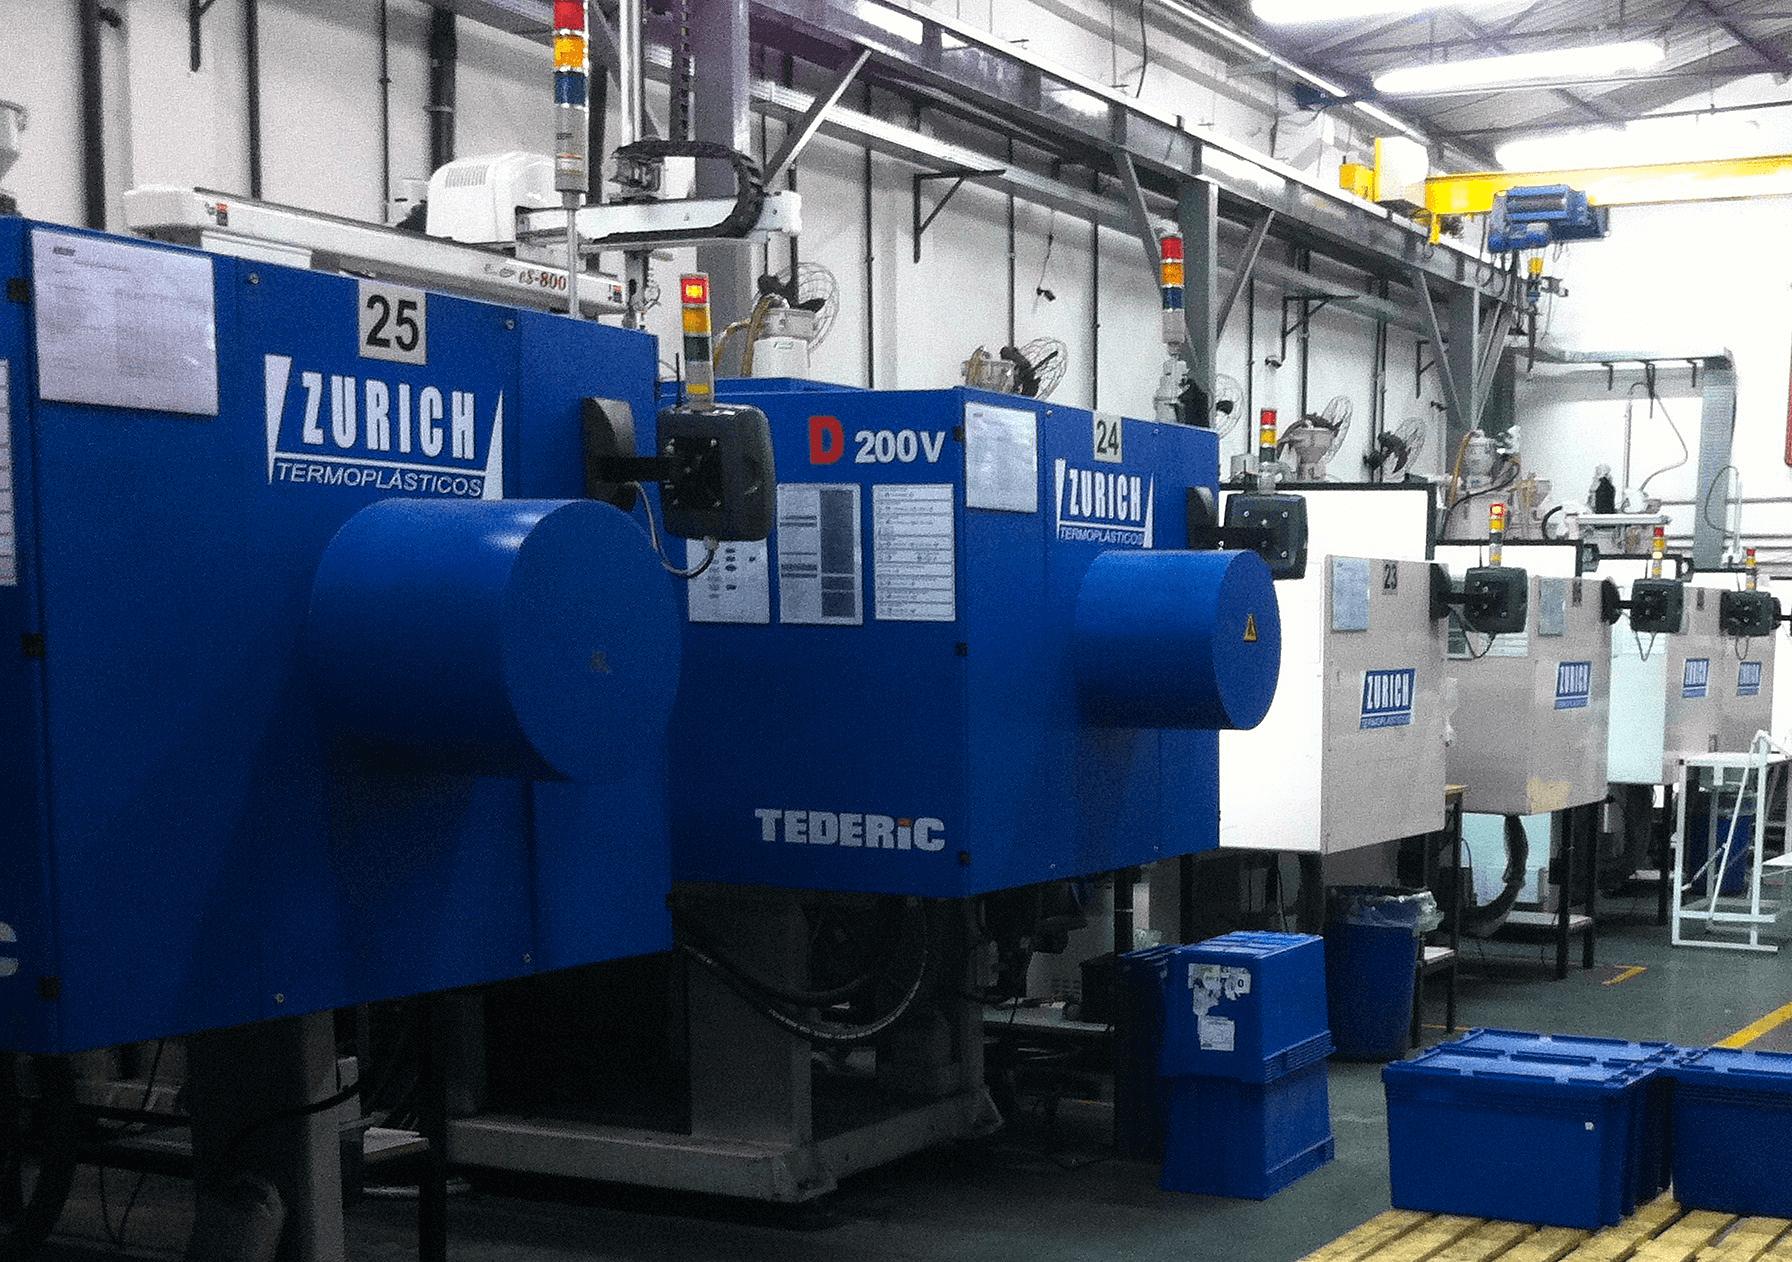 A automação na Indústria do plástico diminui a produção de resíduos